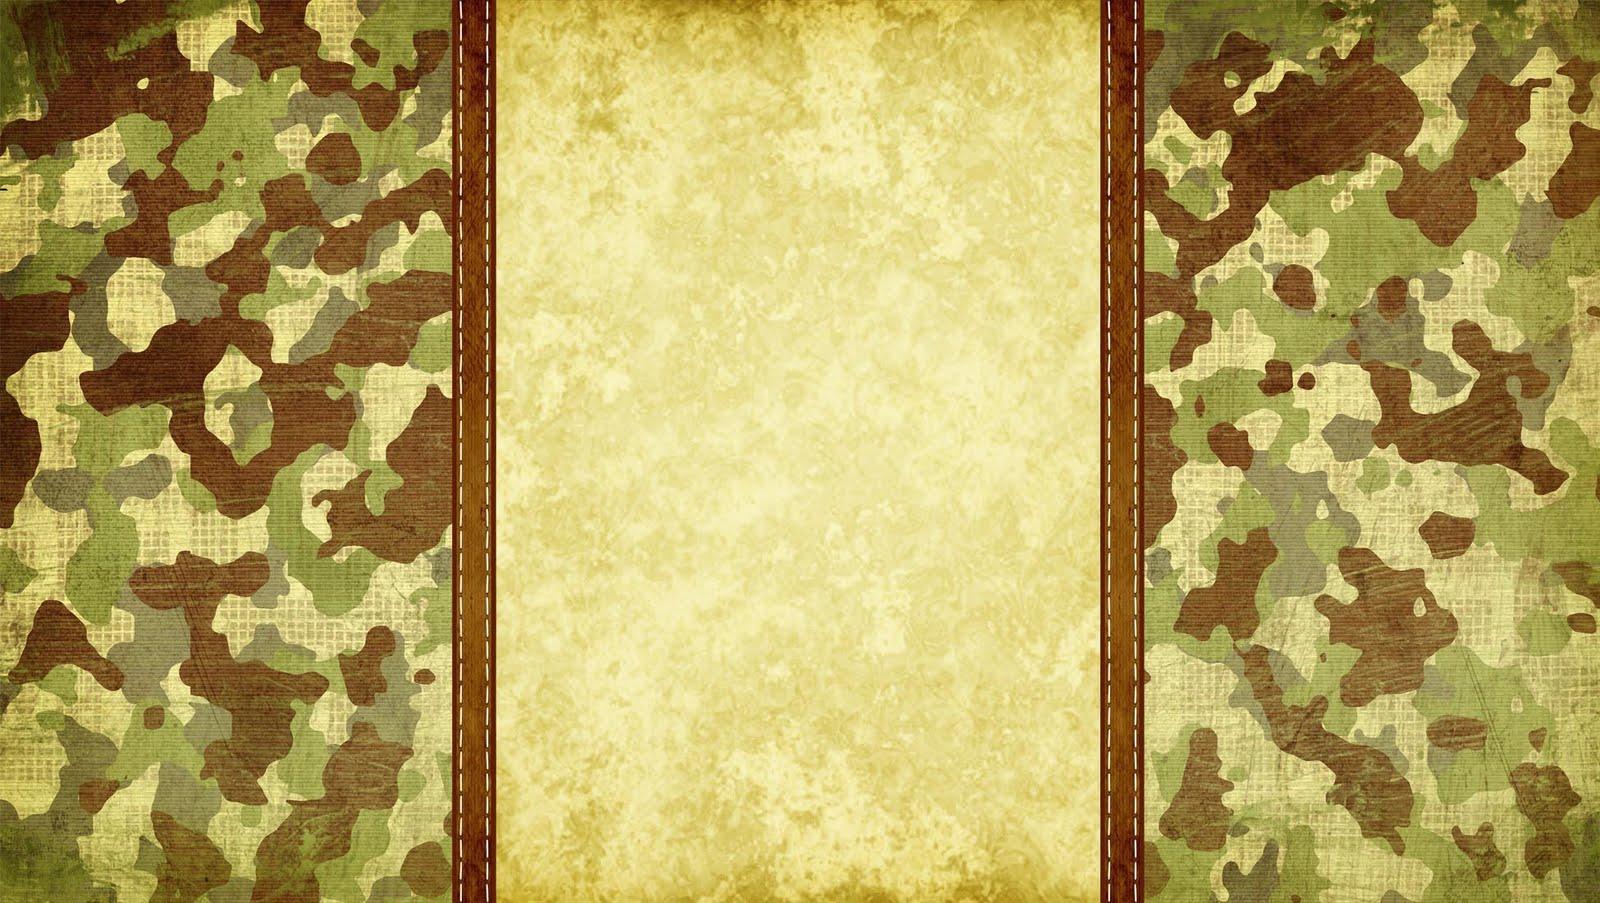 Фон для военной открытки, дедушке